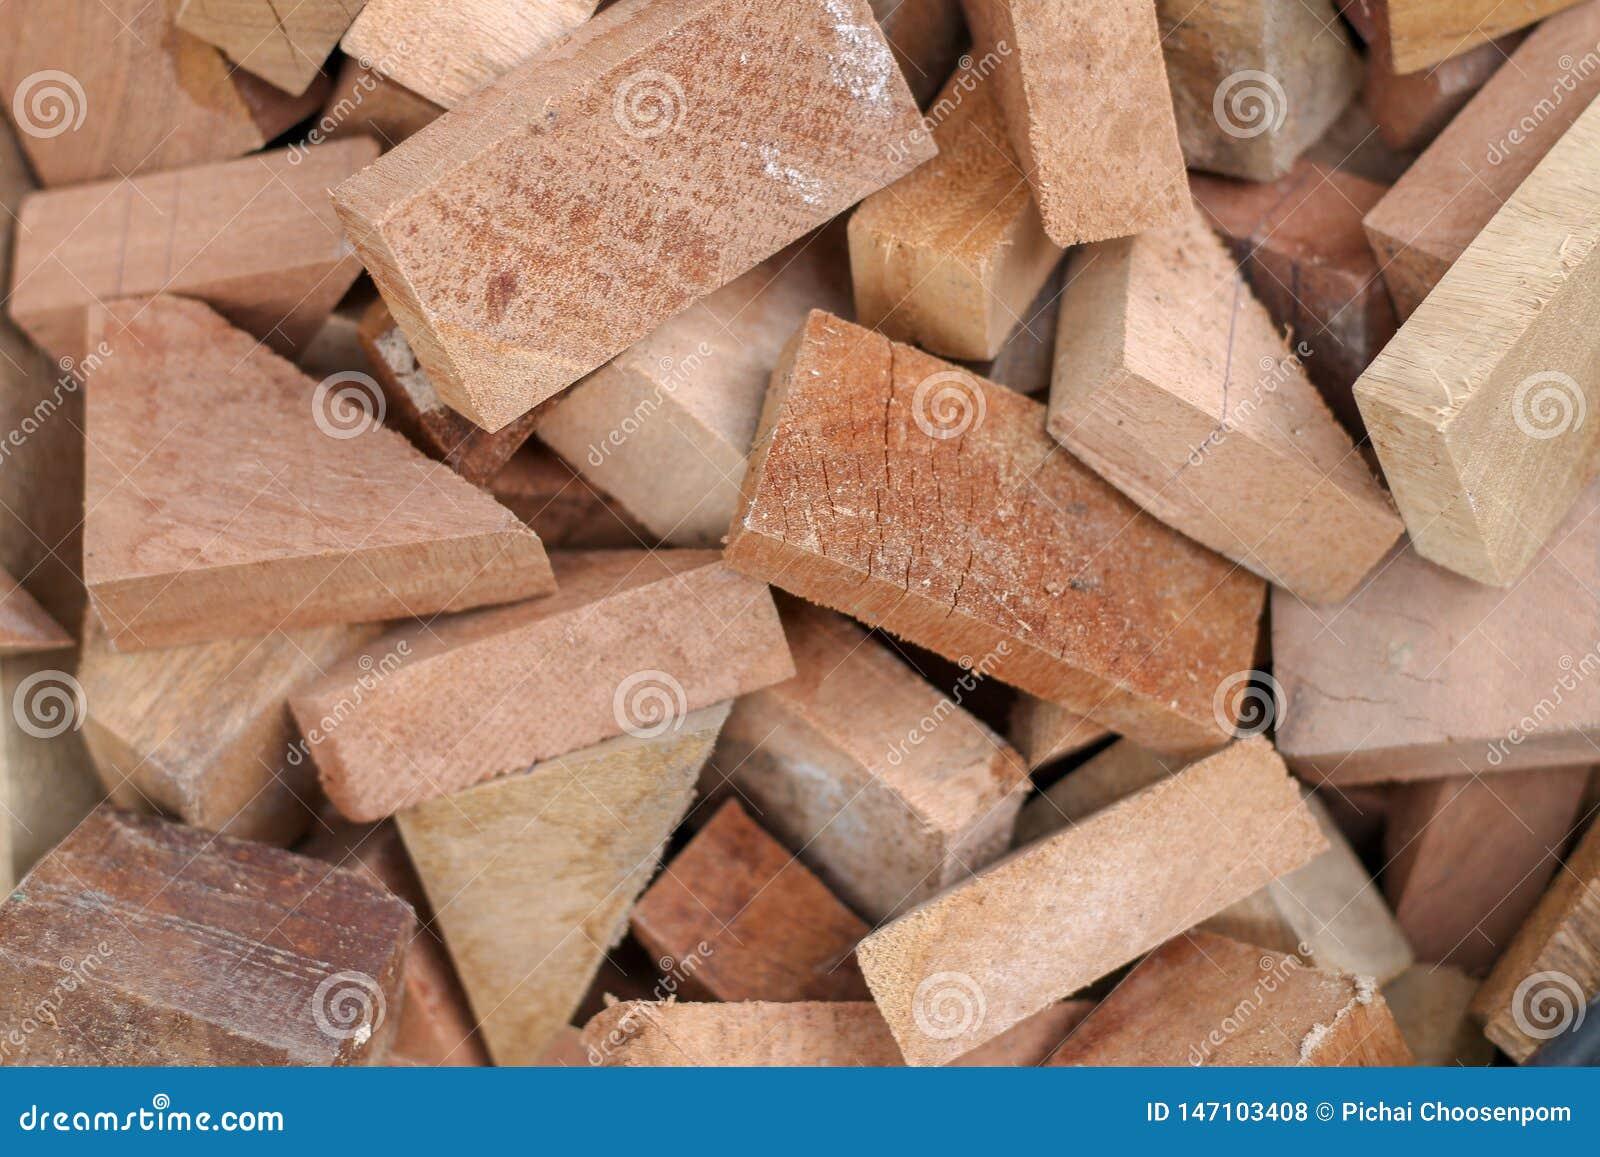 Coupe en bois sciée empilée parfaitement comme backround ou utilisation de jouer comme jouets